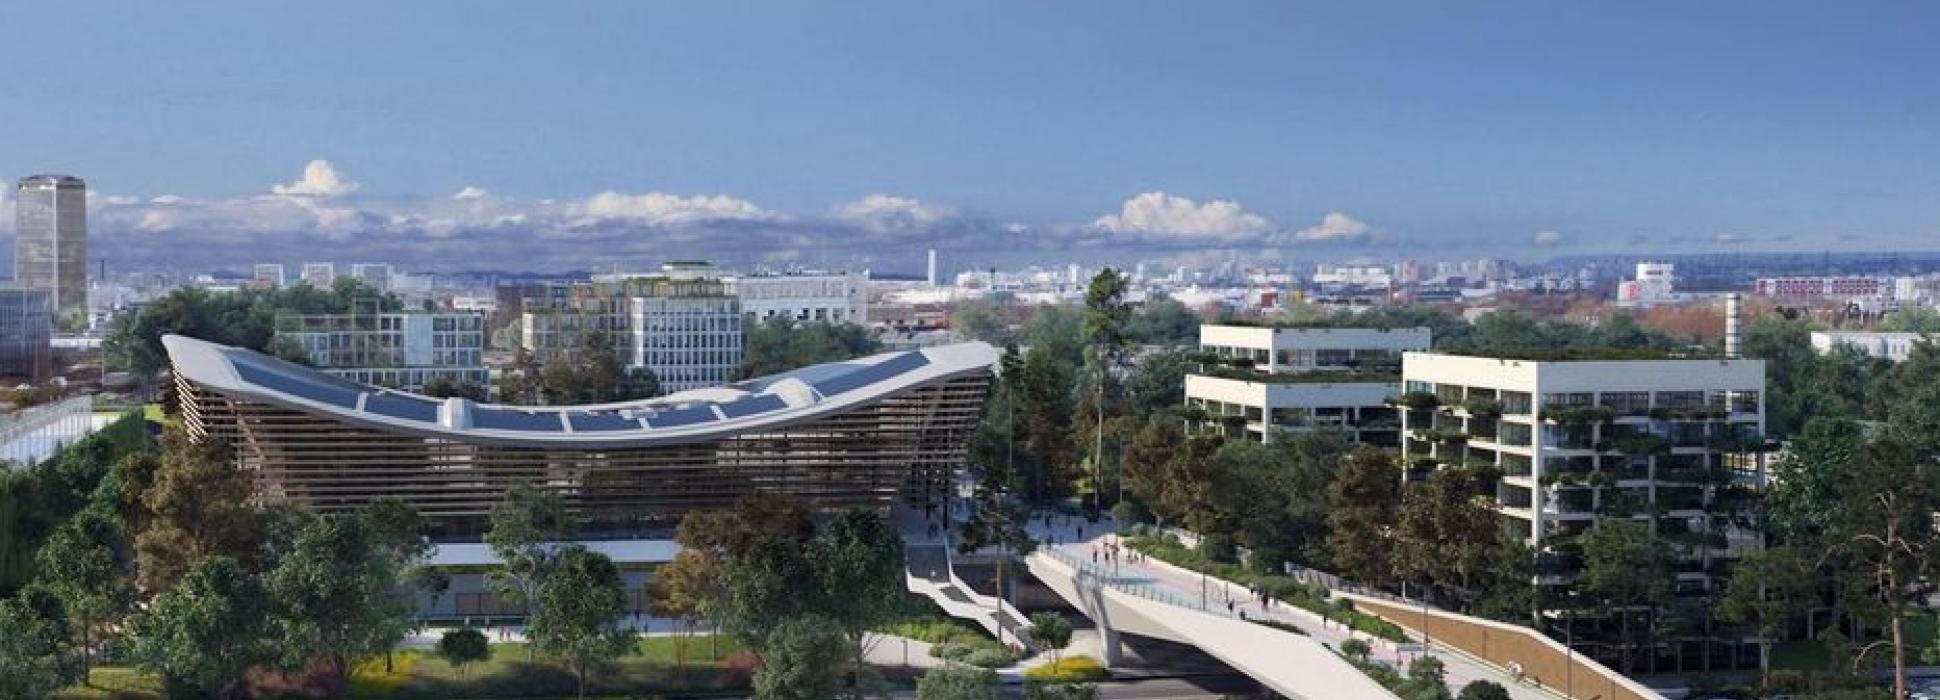 Récréa, entreprise basée à Caen, exploitera le centre aquatique des Jeux olympiques de Paris 2024